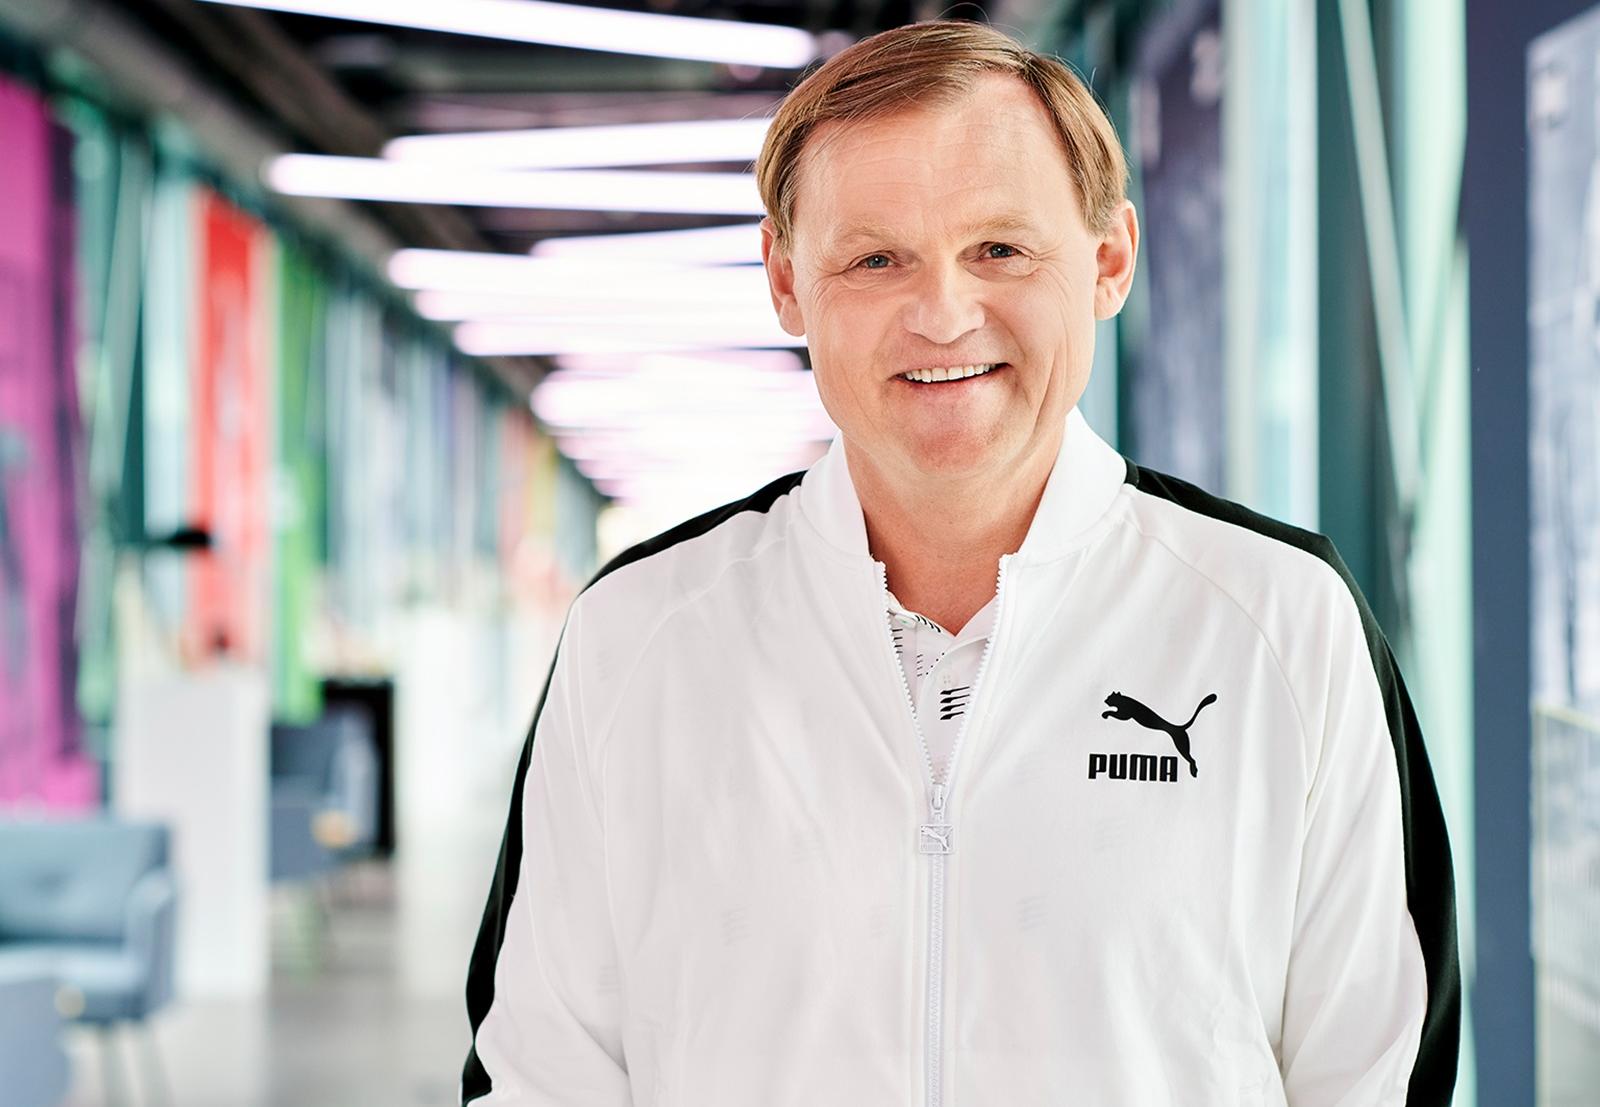 PUMA CEO Björn Gulden